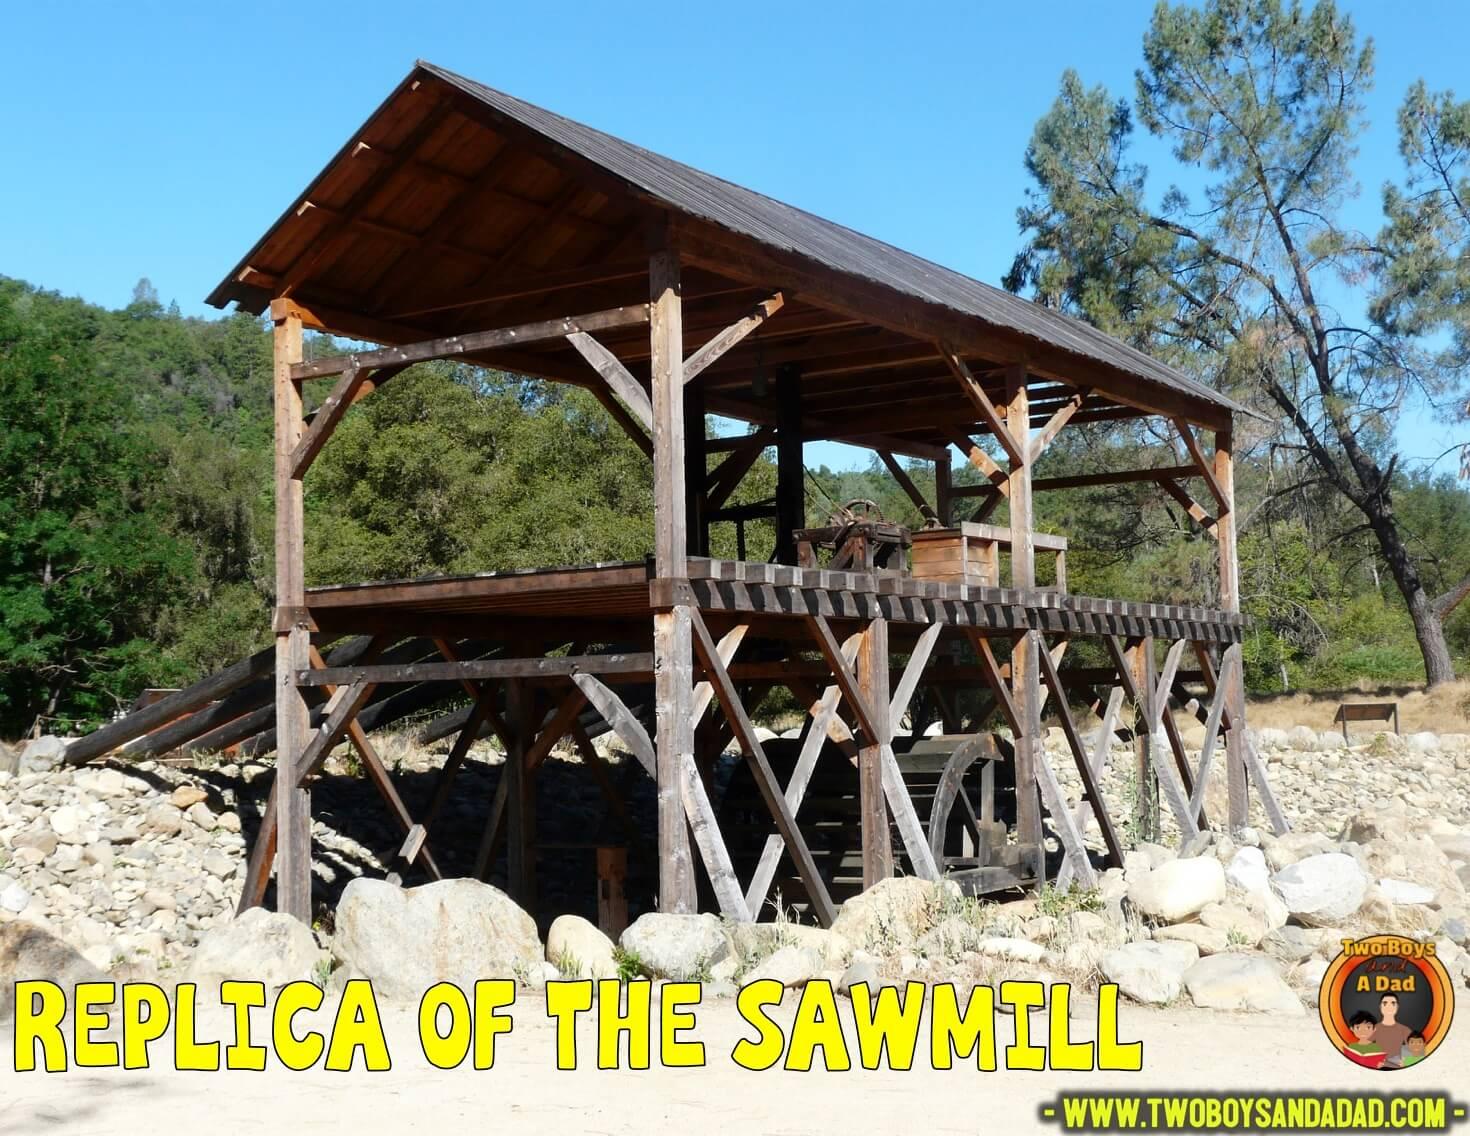 Replica of the sawmill